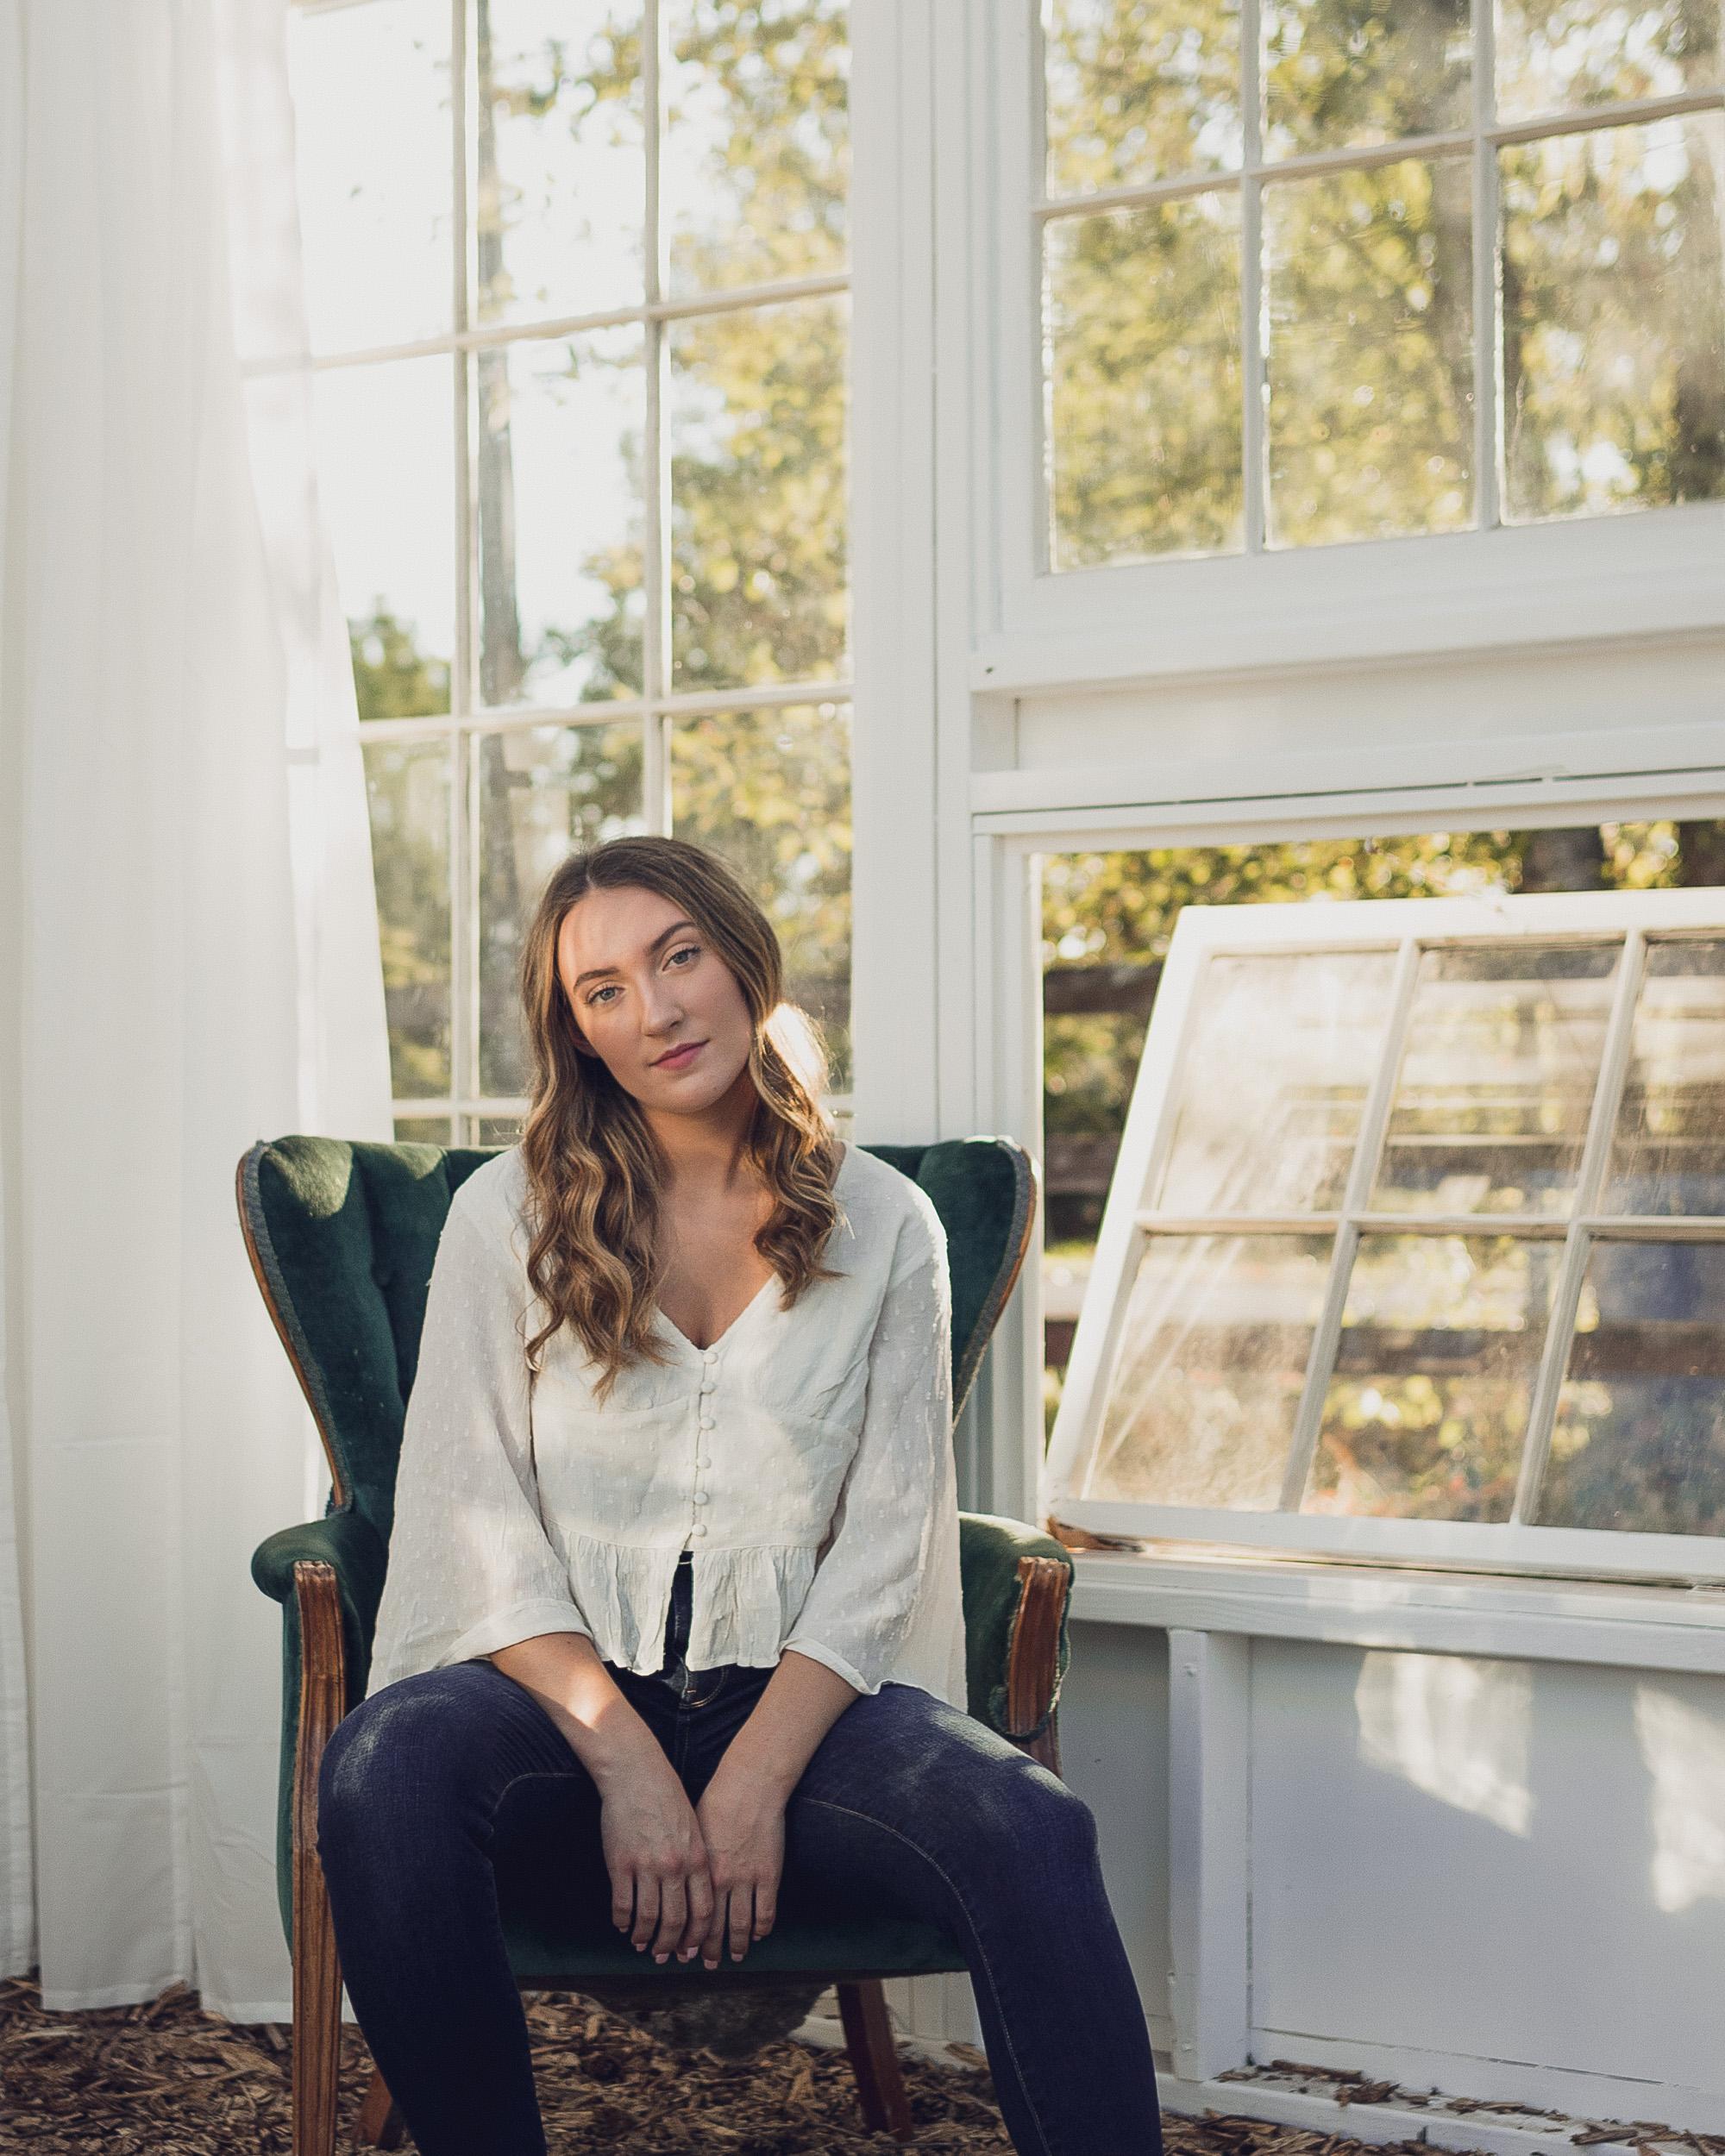 Seniorportraitsseattle-12.jpg